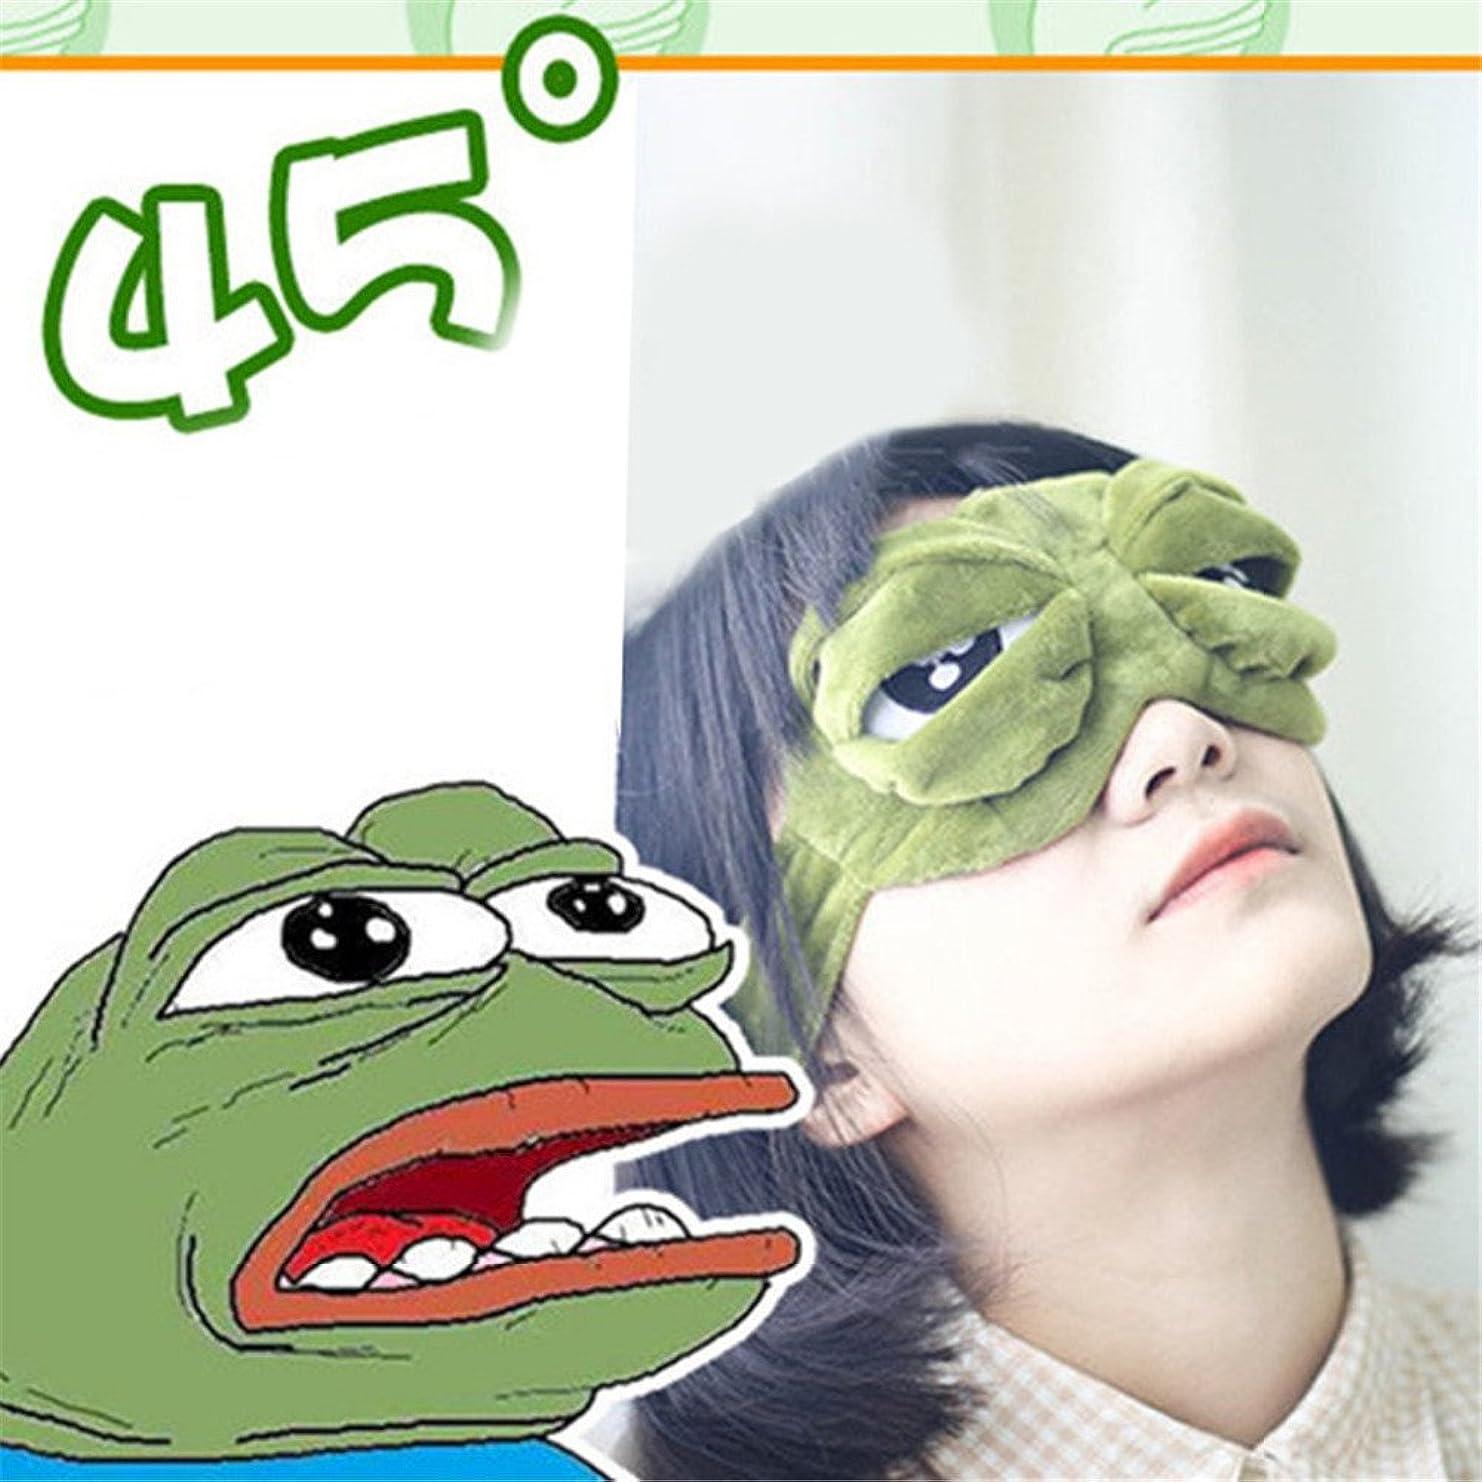 かんたん追加する忌み嫌うNOTE かわいい目のマスクカバーぬいぐるみ悲しい3Dカエルアイマスクカバー睡眠休息旅行睡眠アニメ面白いギフト